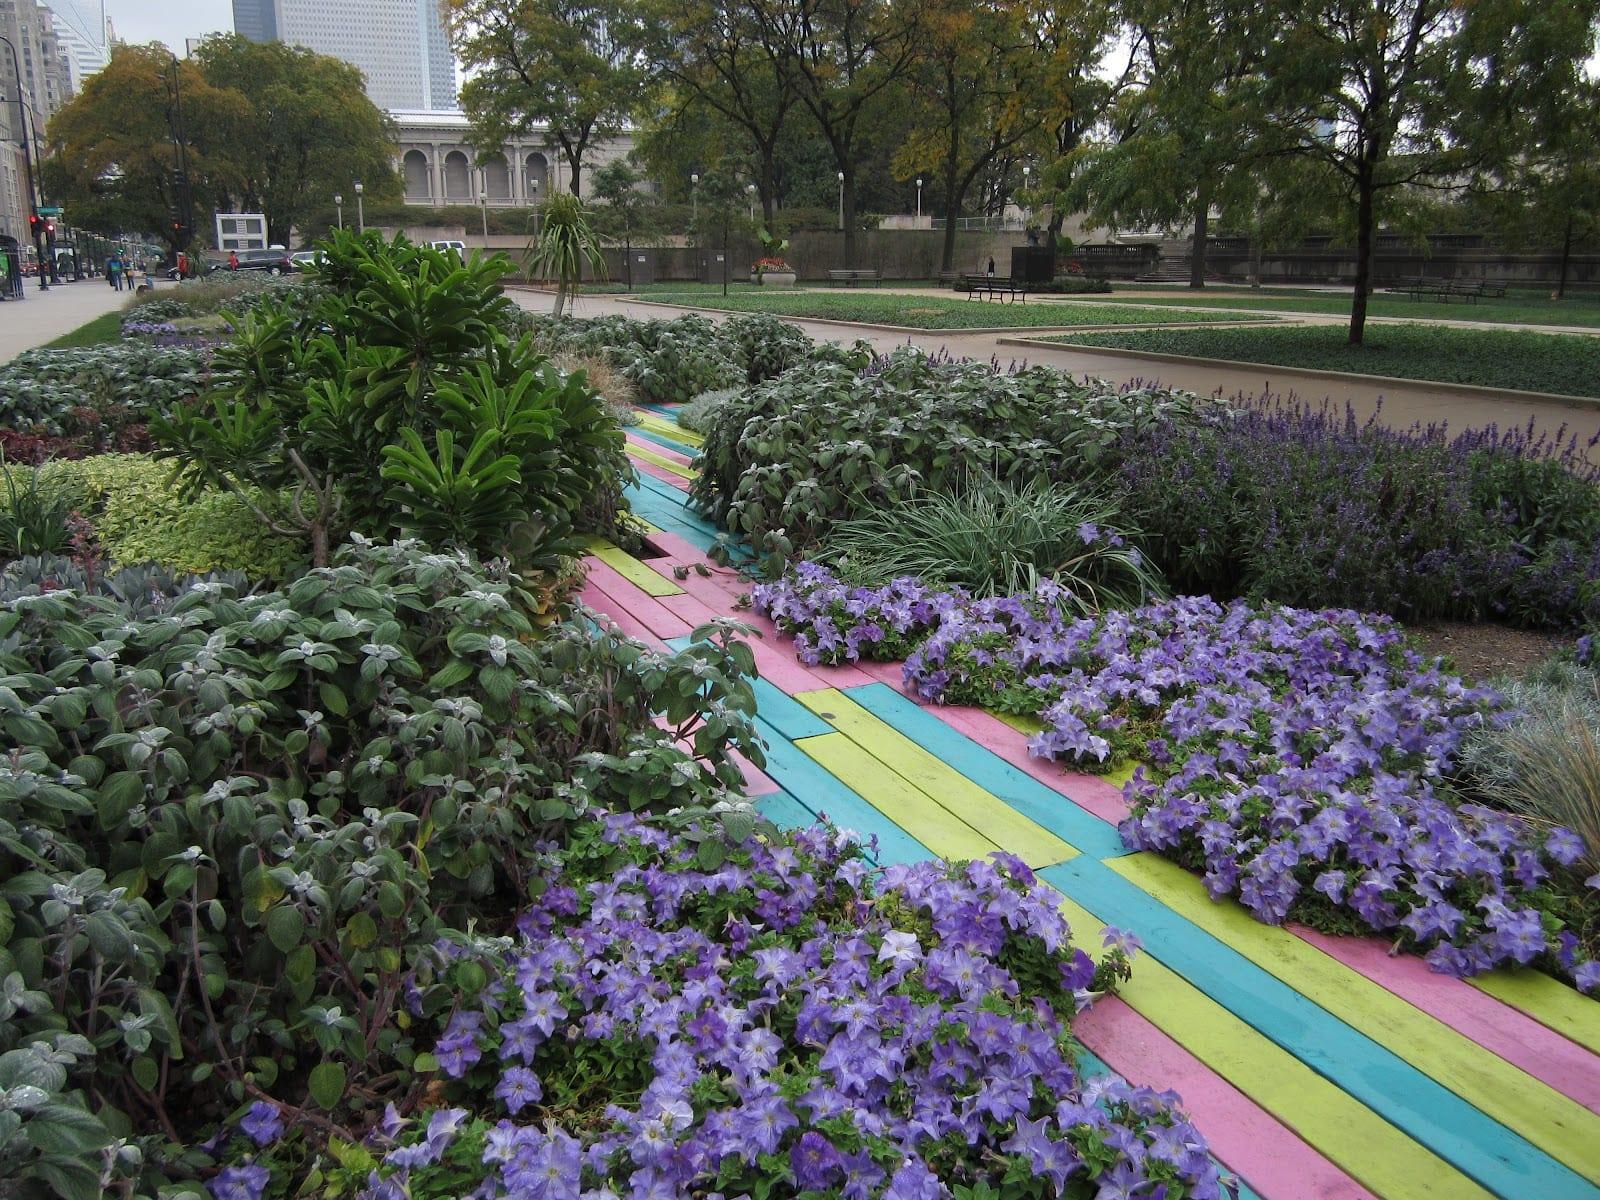 gartenideen mit farbigen gartenwege aus paletten paletten idee - Gartenideen